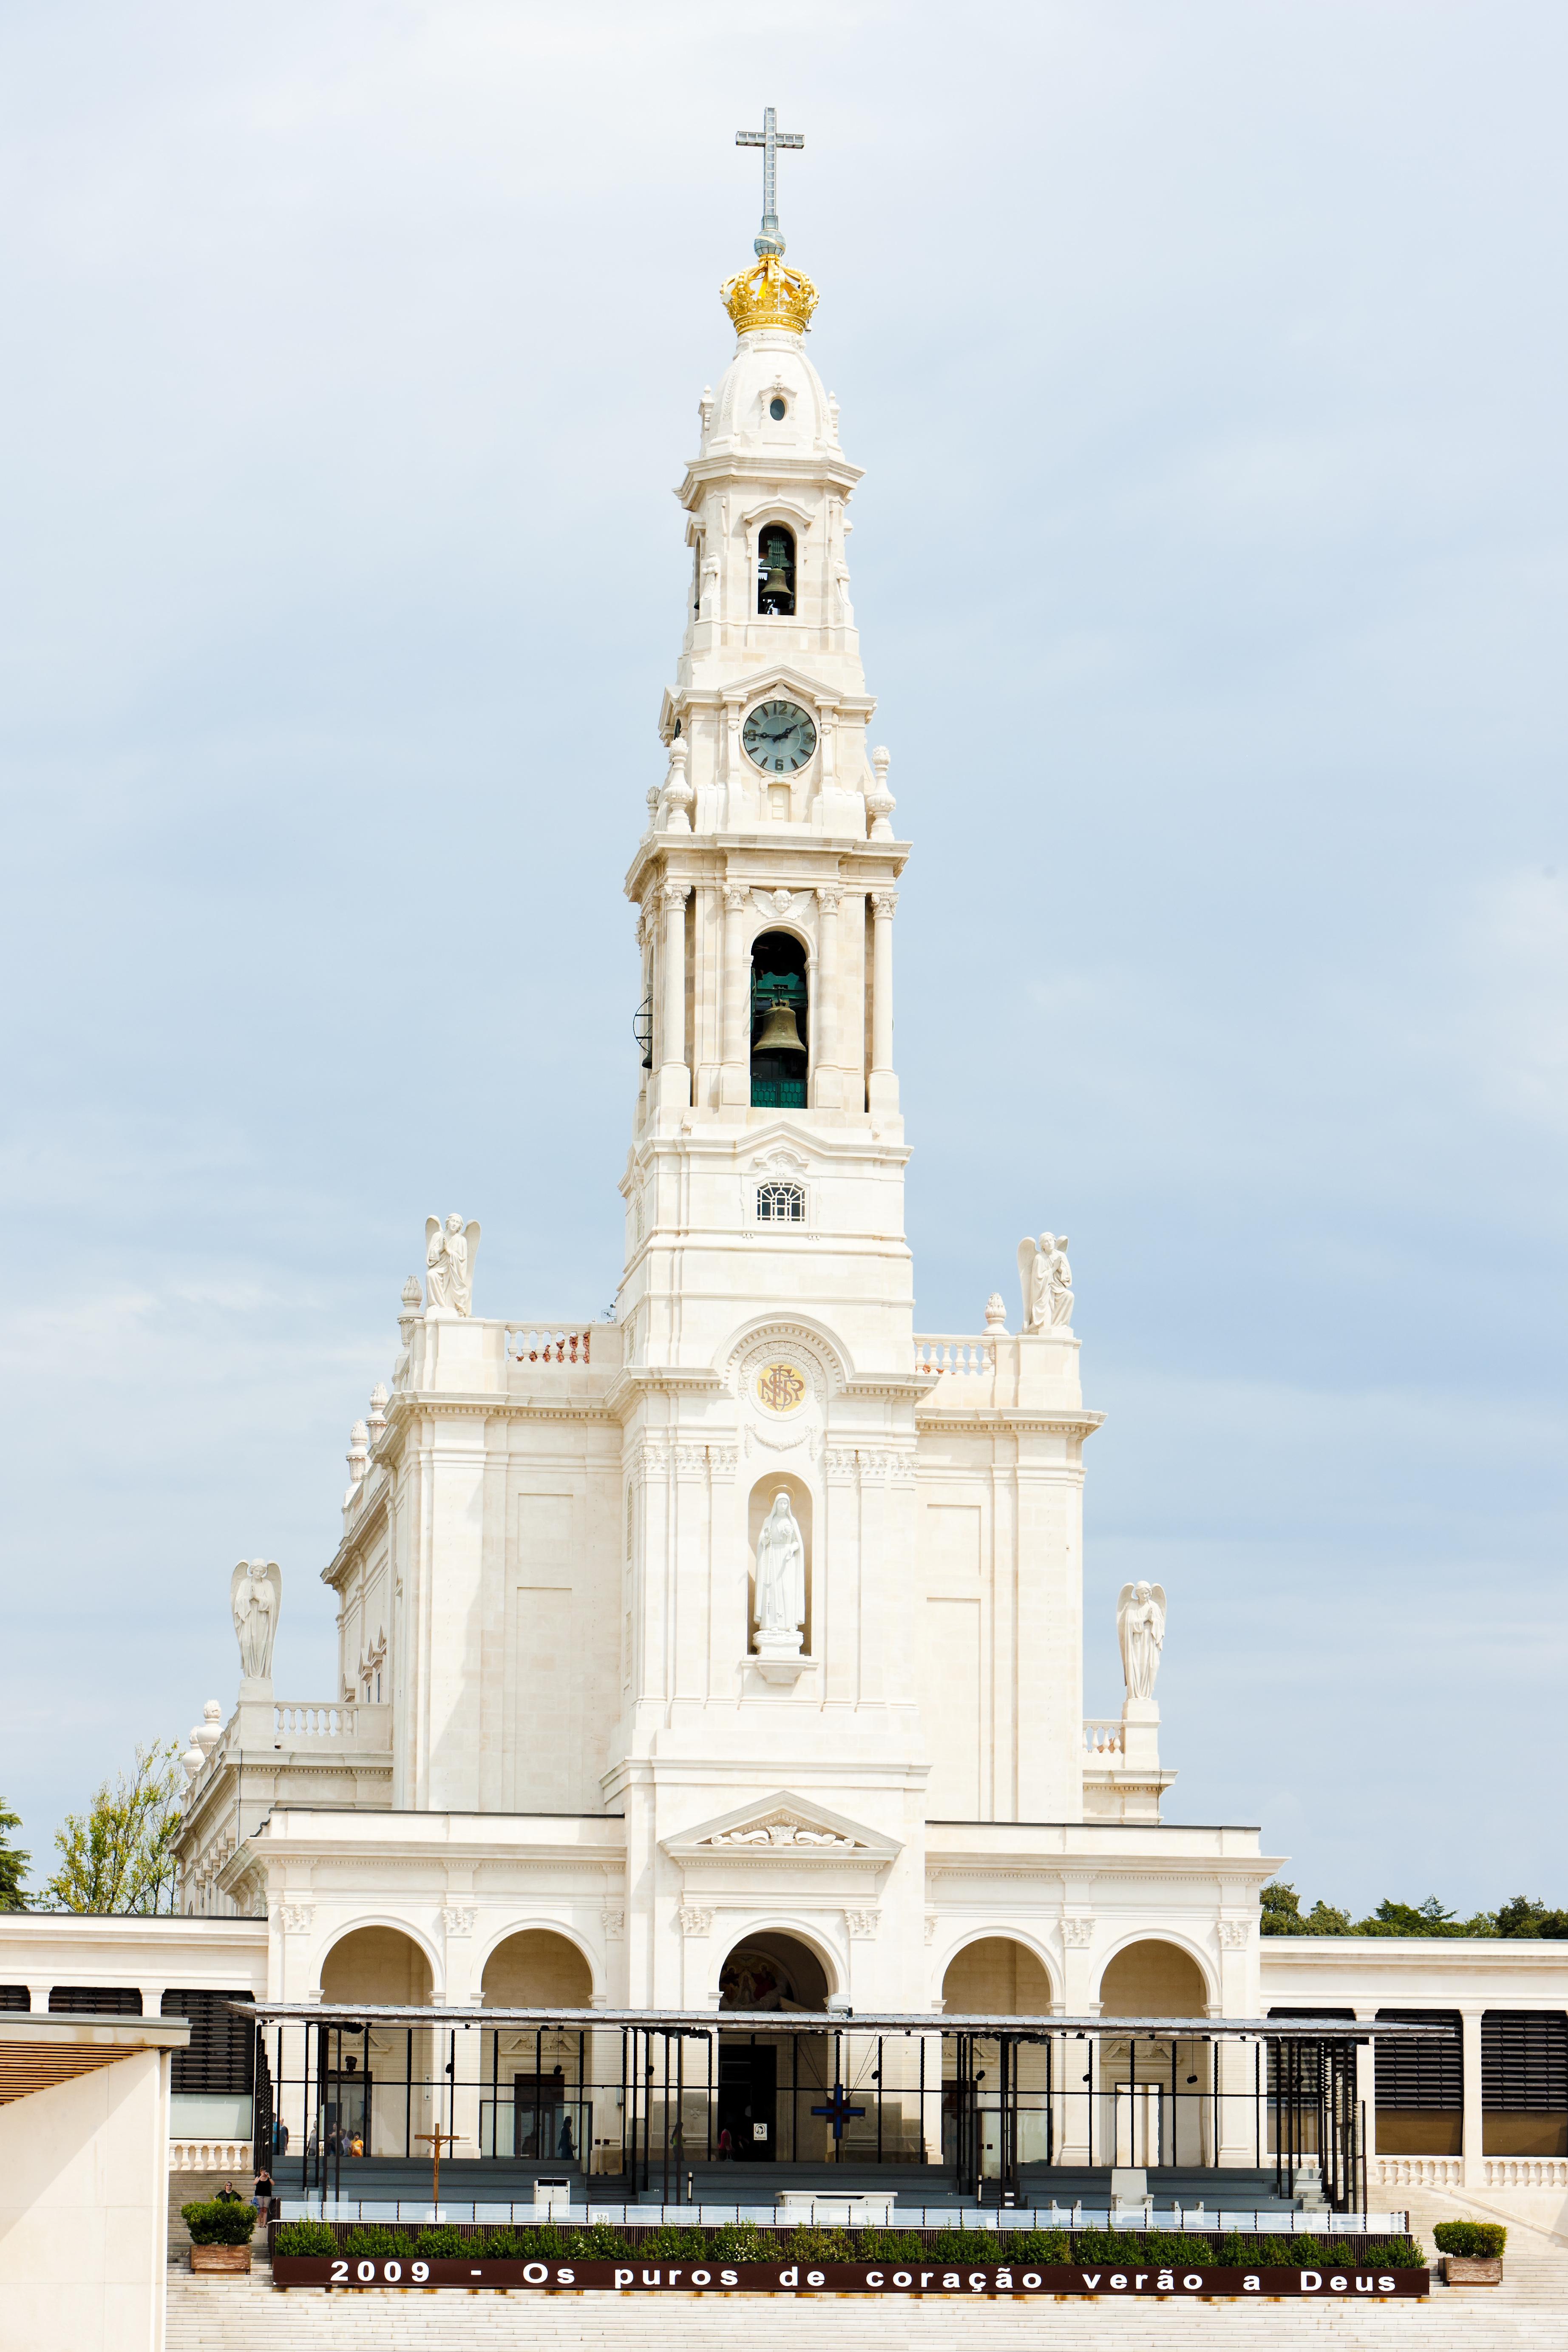 El Santuario de Fátima, punto de encuentro de peregrinos de todo el mundo - Portugal Circuito Portugal al Completo: de Lisboa a Fátima